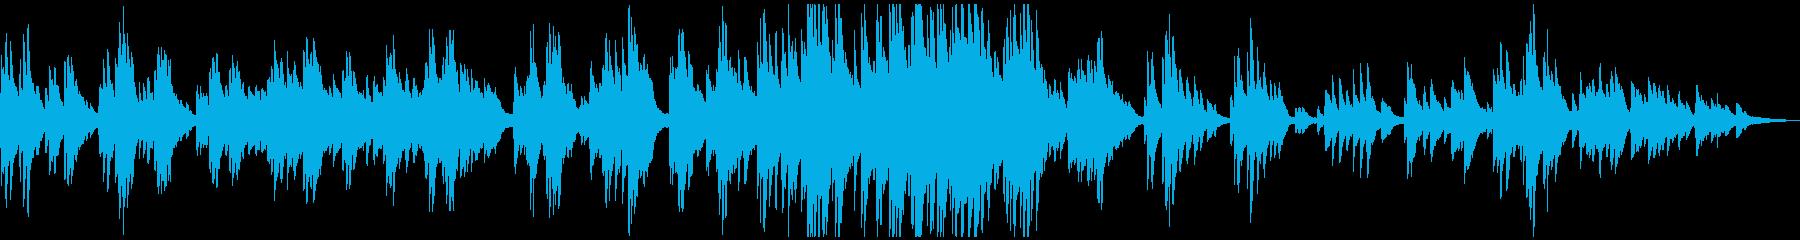 ドラマティック・思い出・感動的 ピアノの再生済みの波形